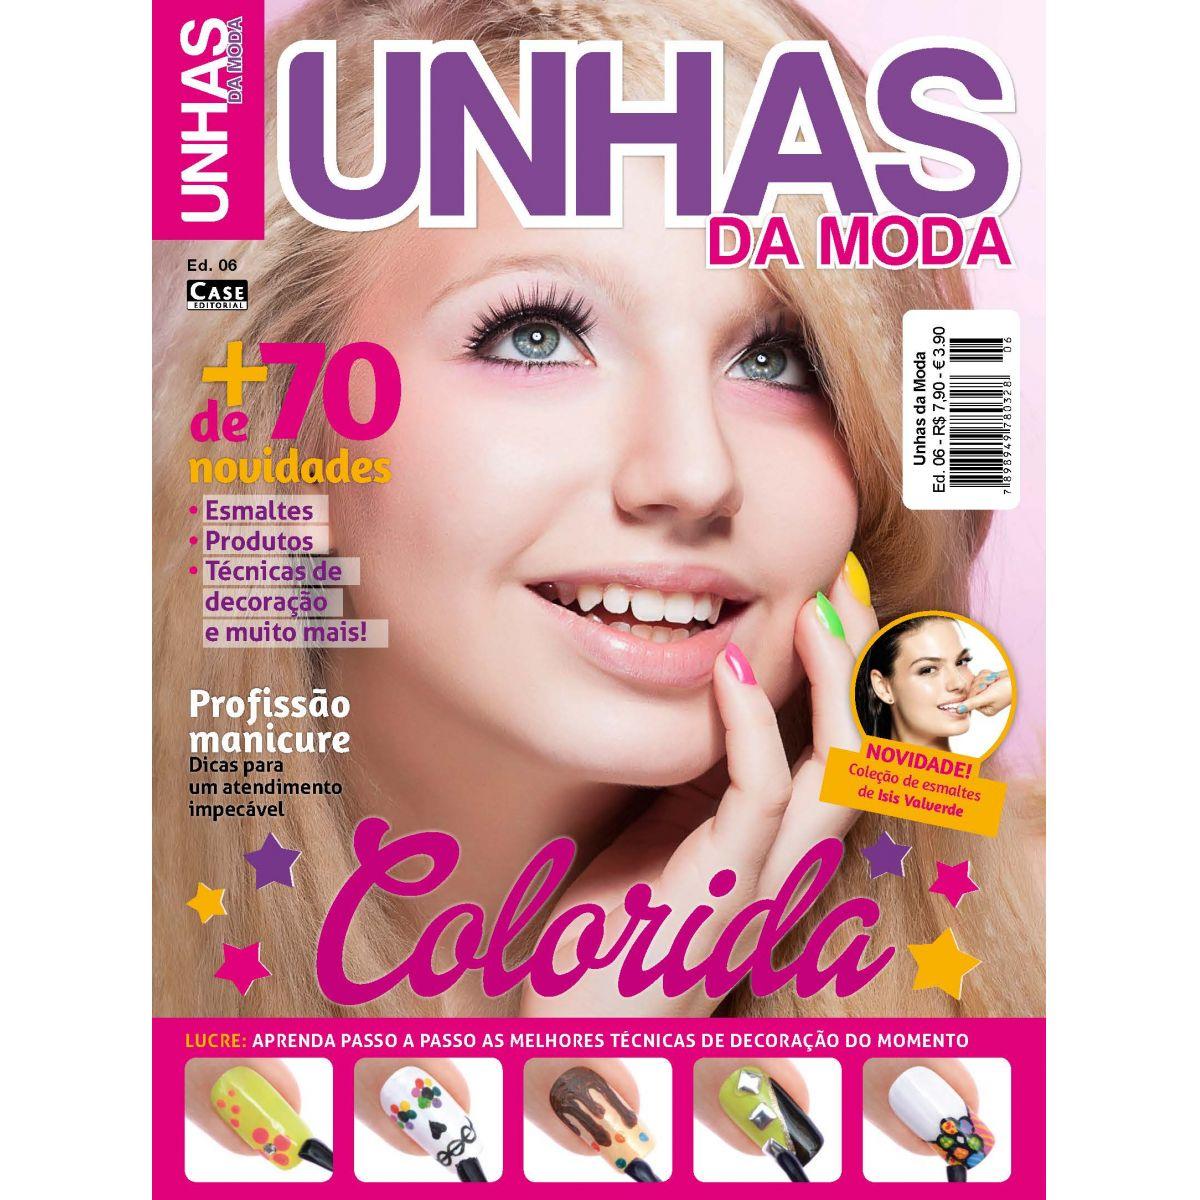 Unhas da Moda - Edição 06 - VERSÃO PARA DOWNLOAD  - Case Editorial